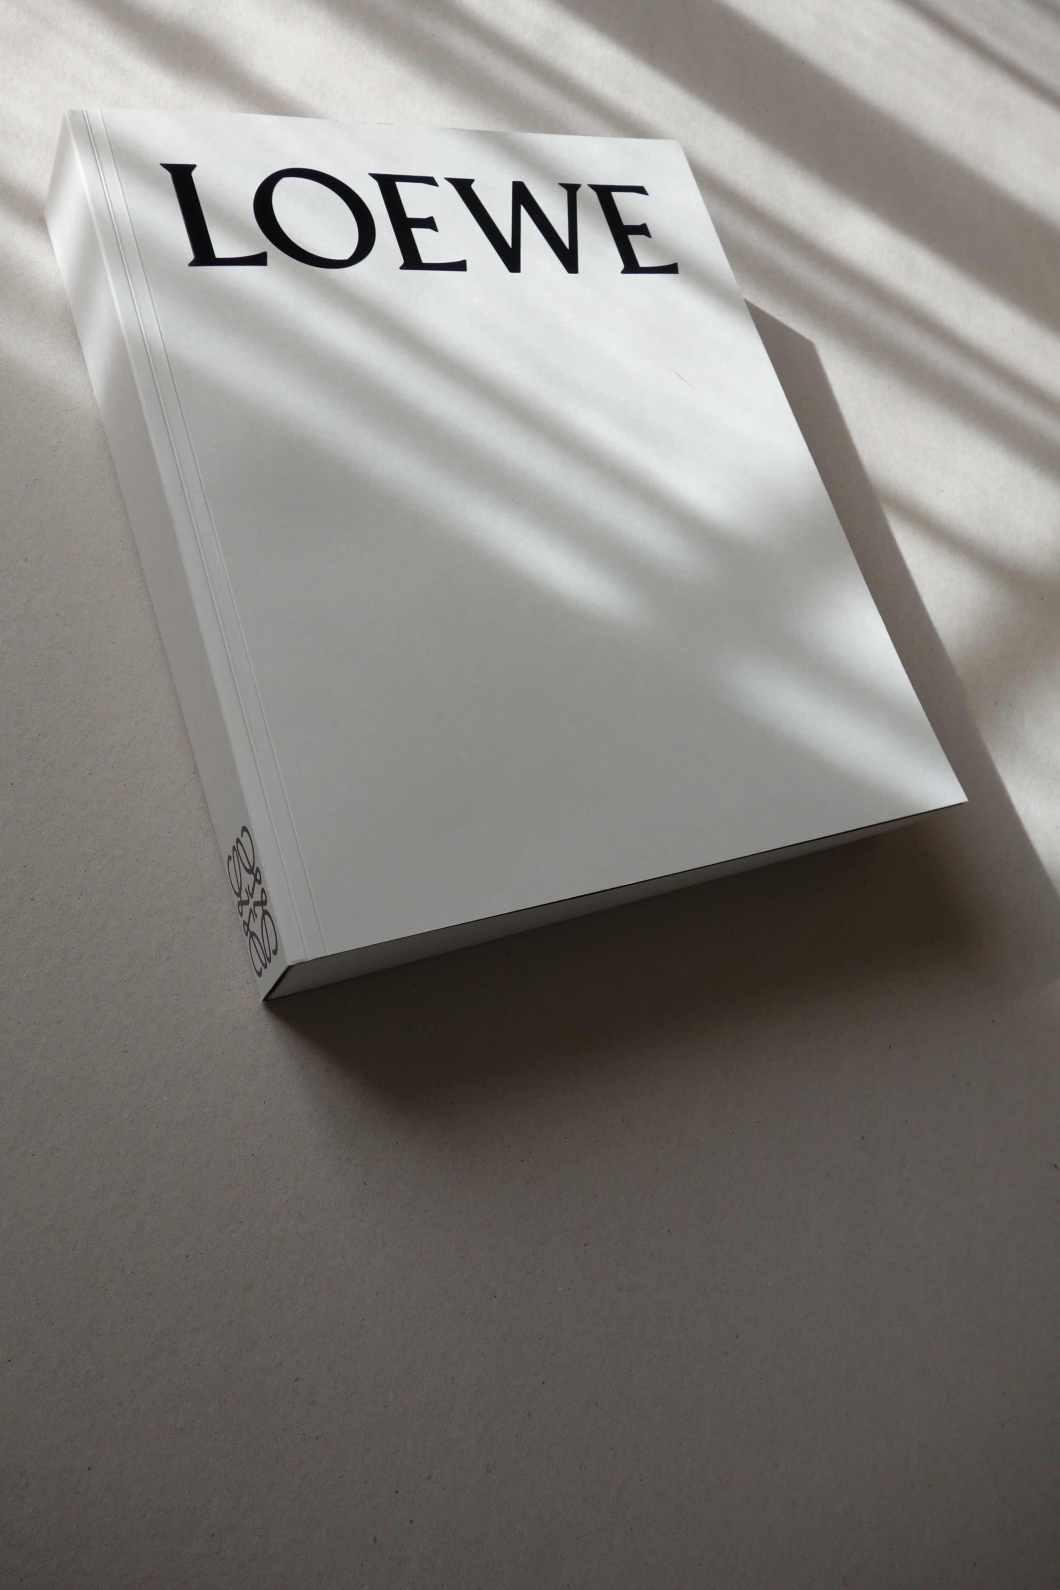 LOEWE BOOK 1_.jpg